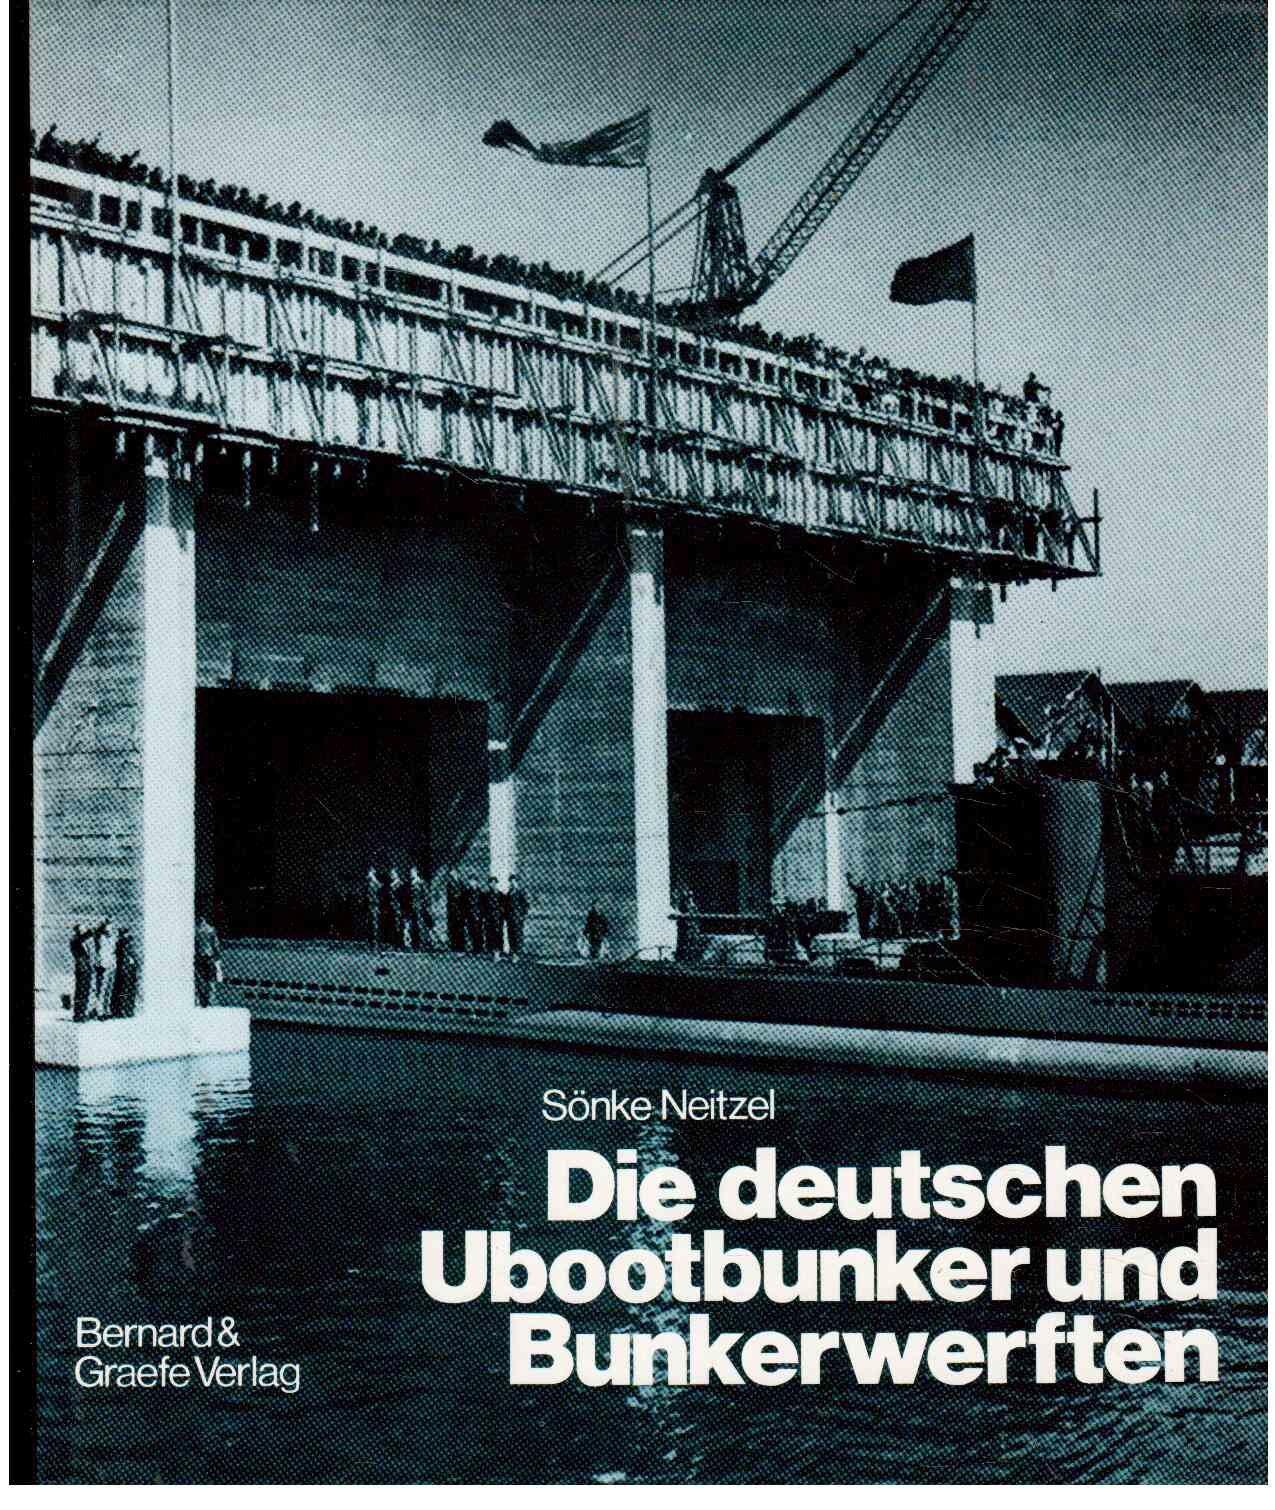 Die deutschen Ubootbunker und Bunkerwerften: Verbunkerte Ubootstützpunkte und Ubootwerften der deutschen Marine im Zweiten Weltkrieg